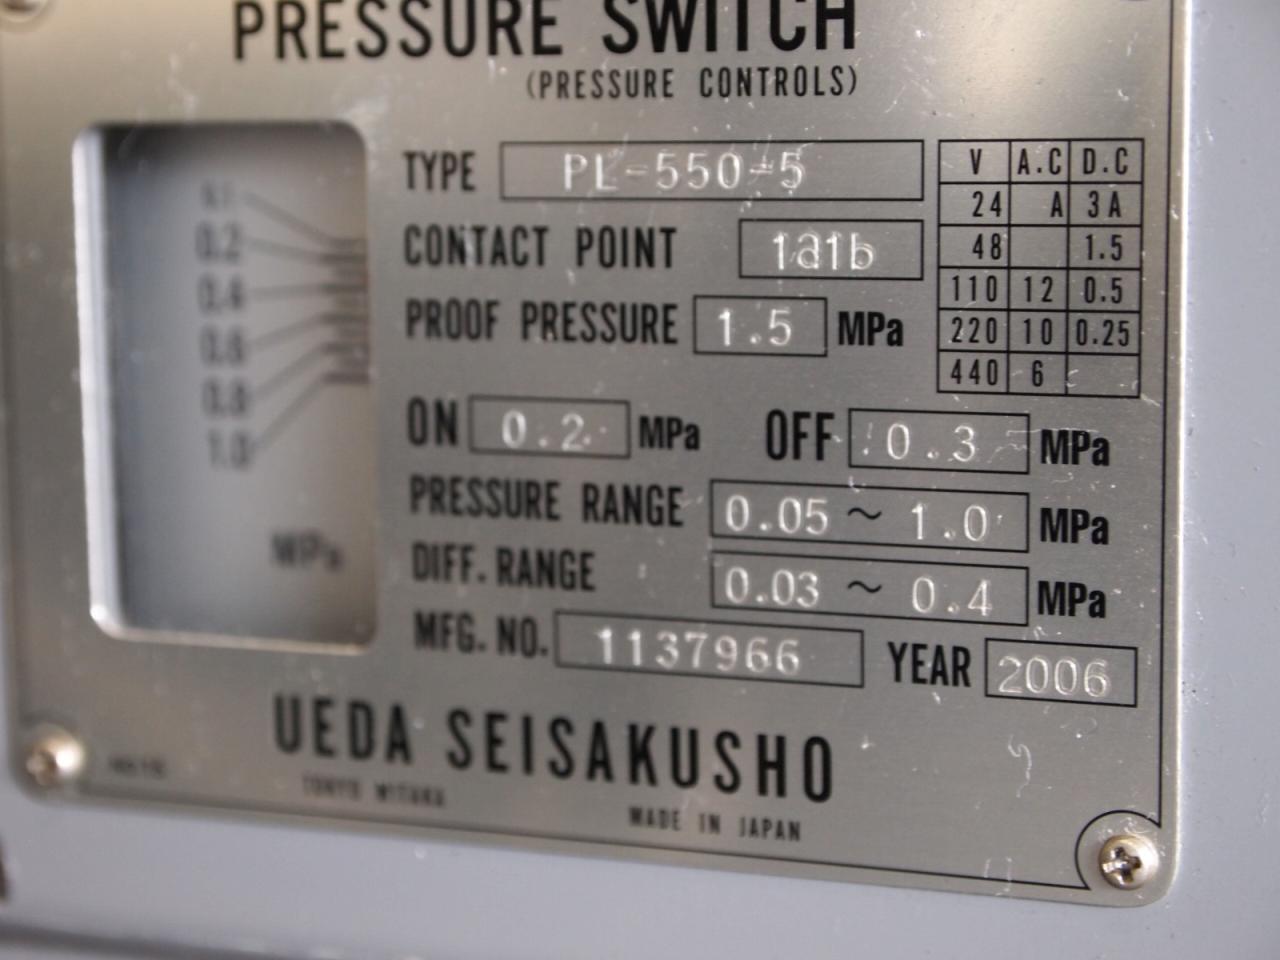 GB3748A-196付属のエアータンクの圧力スイッチ銘板